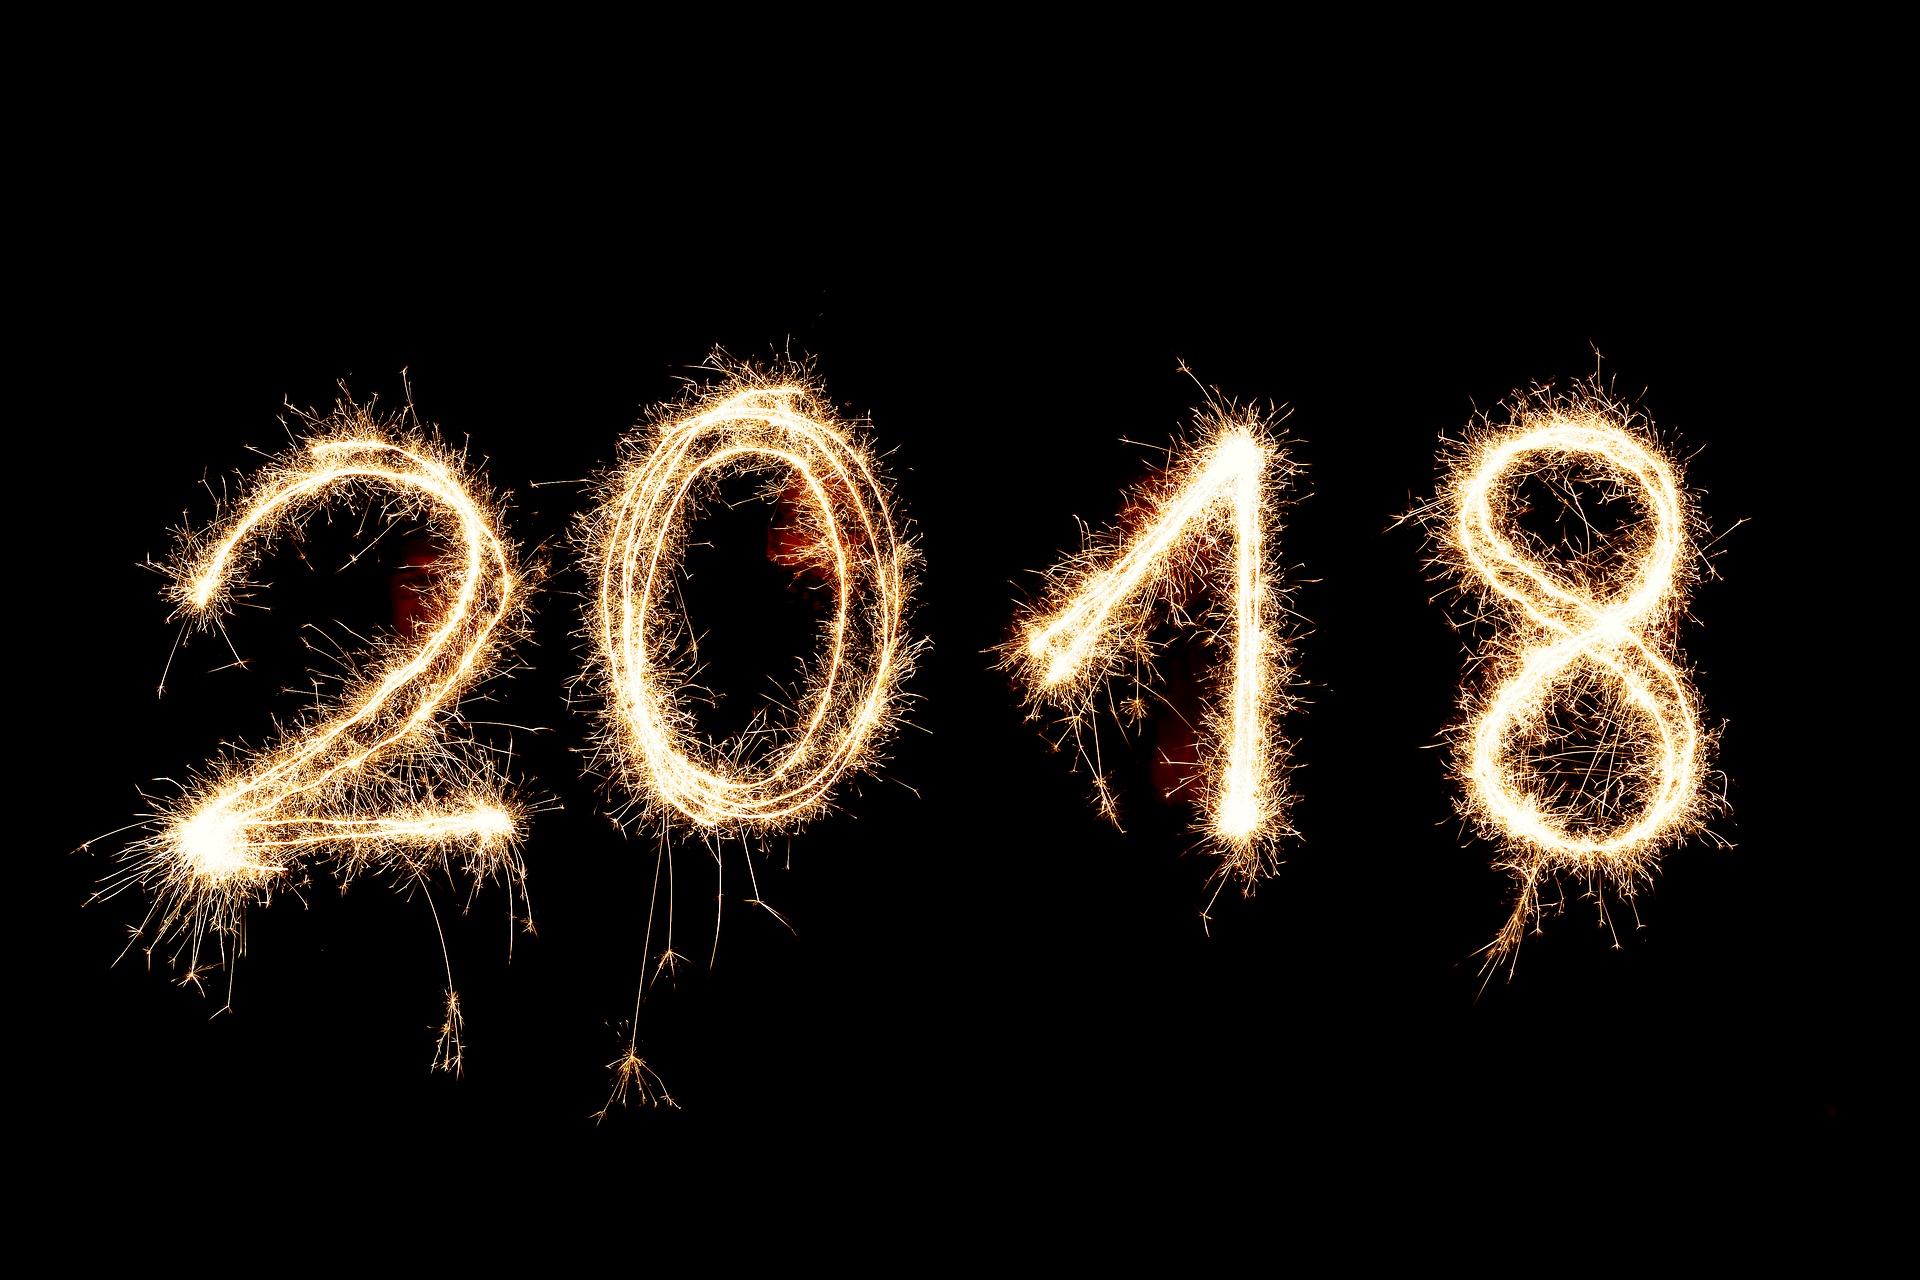 heldensprünge 2018 neujahrsgruß zeit persönlichkeitsentwicklung